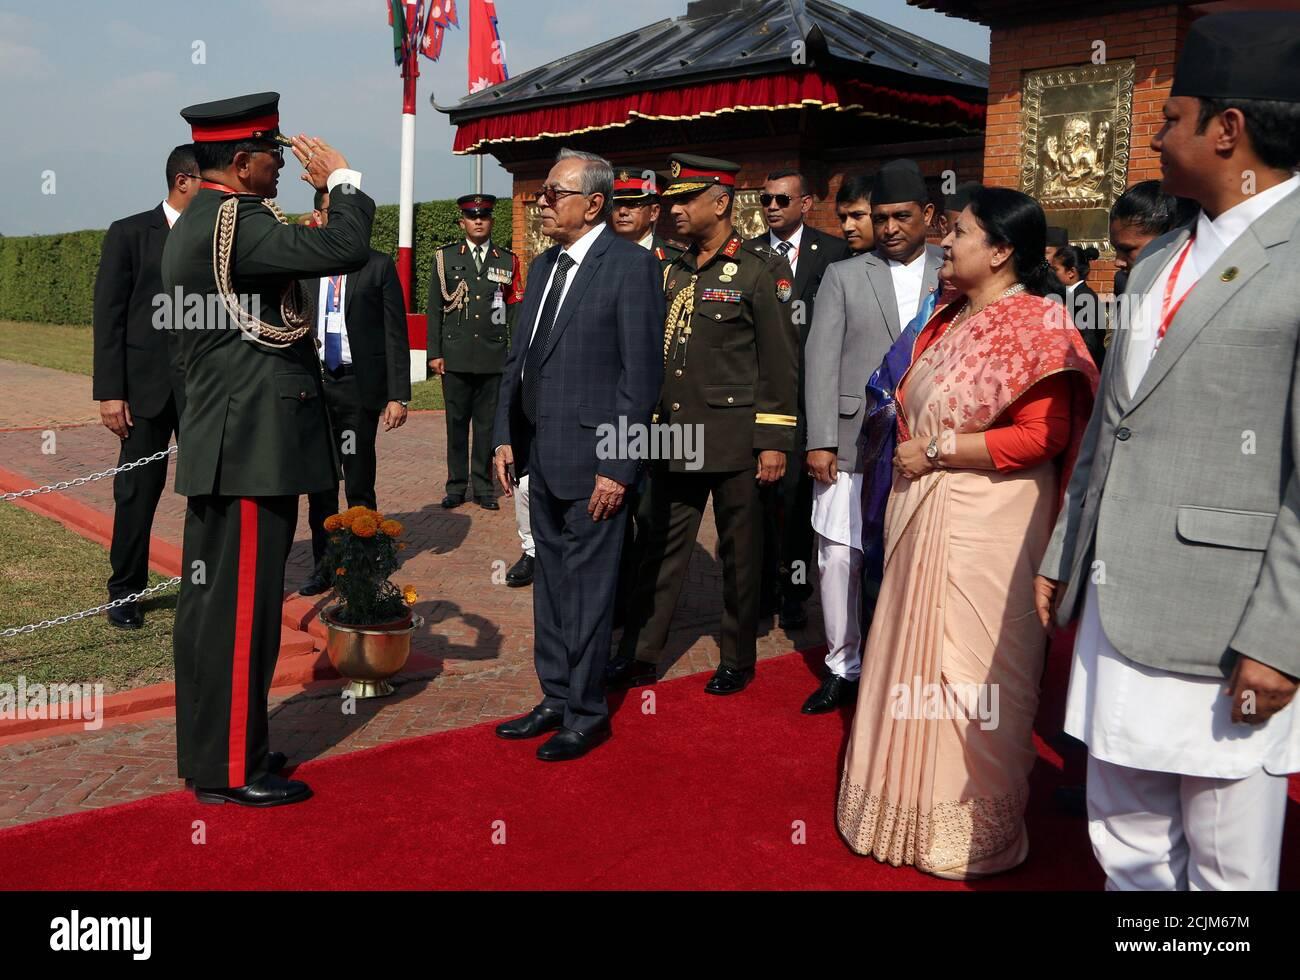 Le chef de l'armée népalaise accueille le président du Bangladesh Abdul Hamid à son arrivée à l'aéroport international de Tribhuwan à Katmandou, au Népal, le 12 novembre 2019. Niranjan Shrestha/Pool via REUTERS Banque D'Images